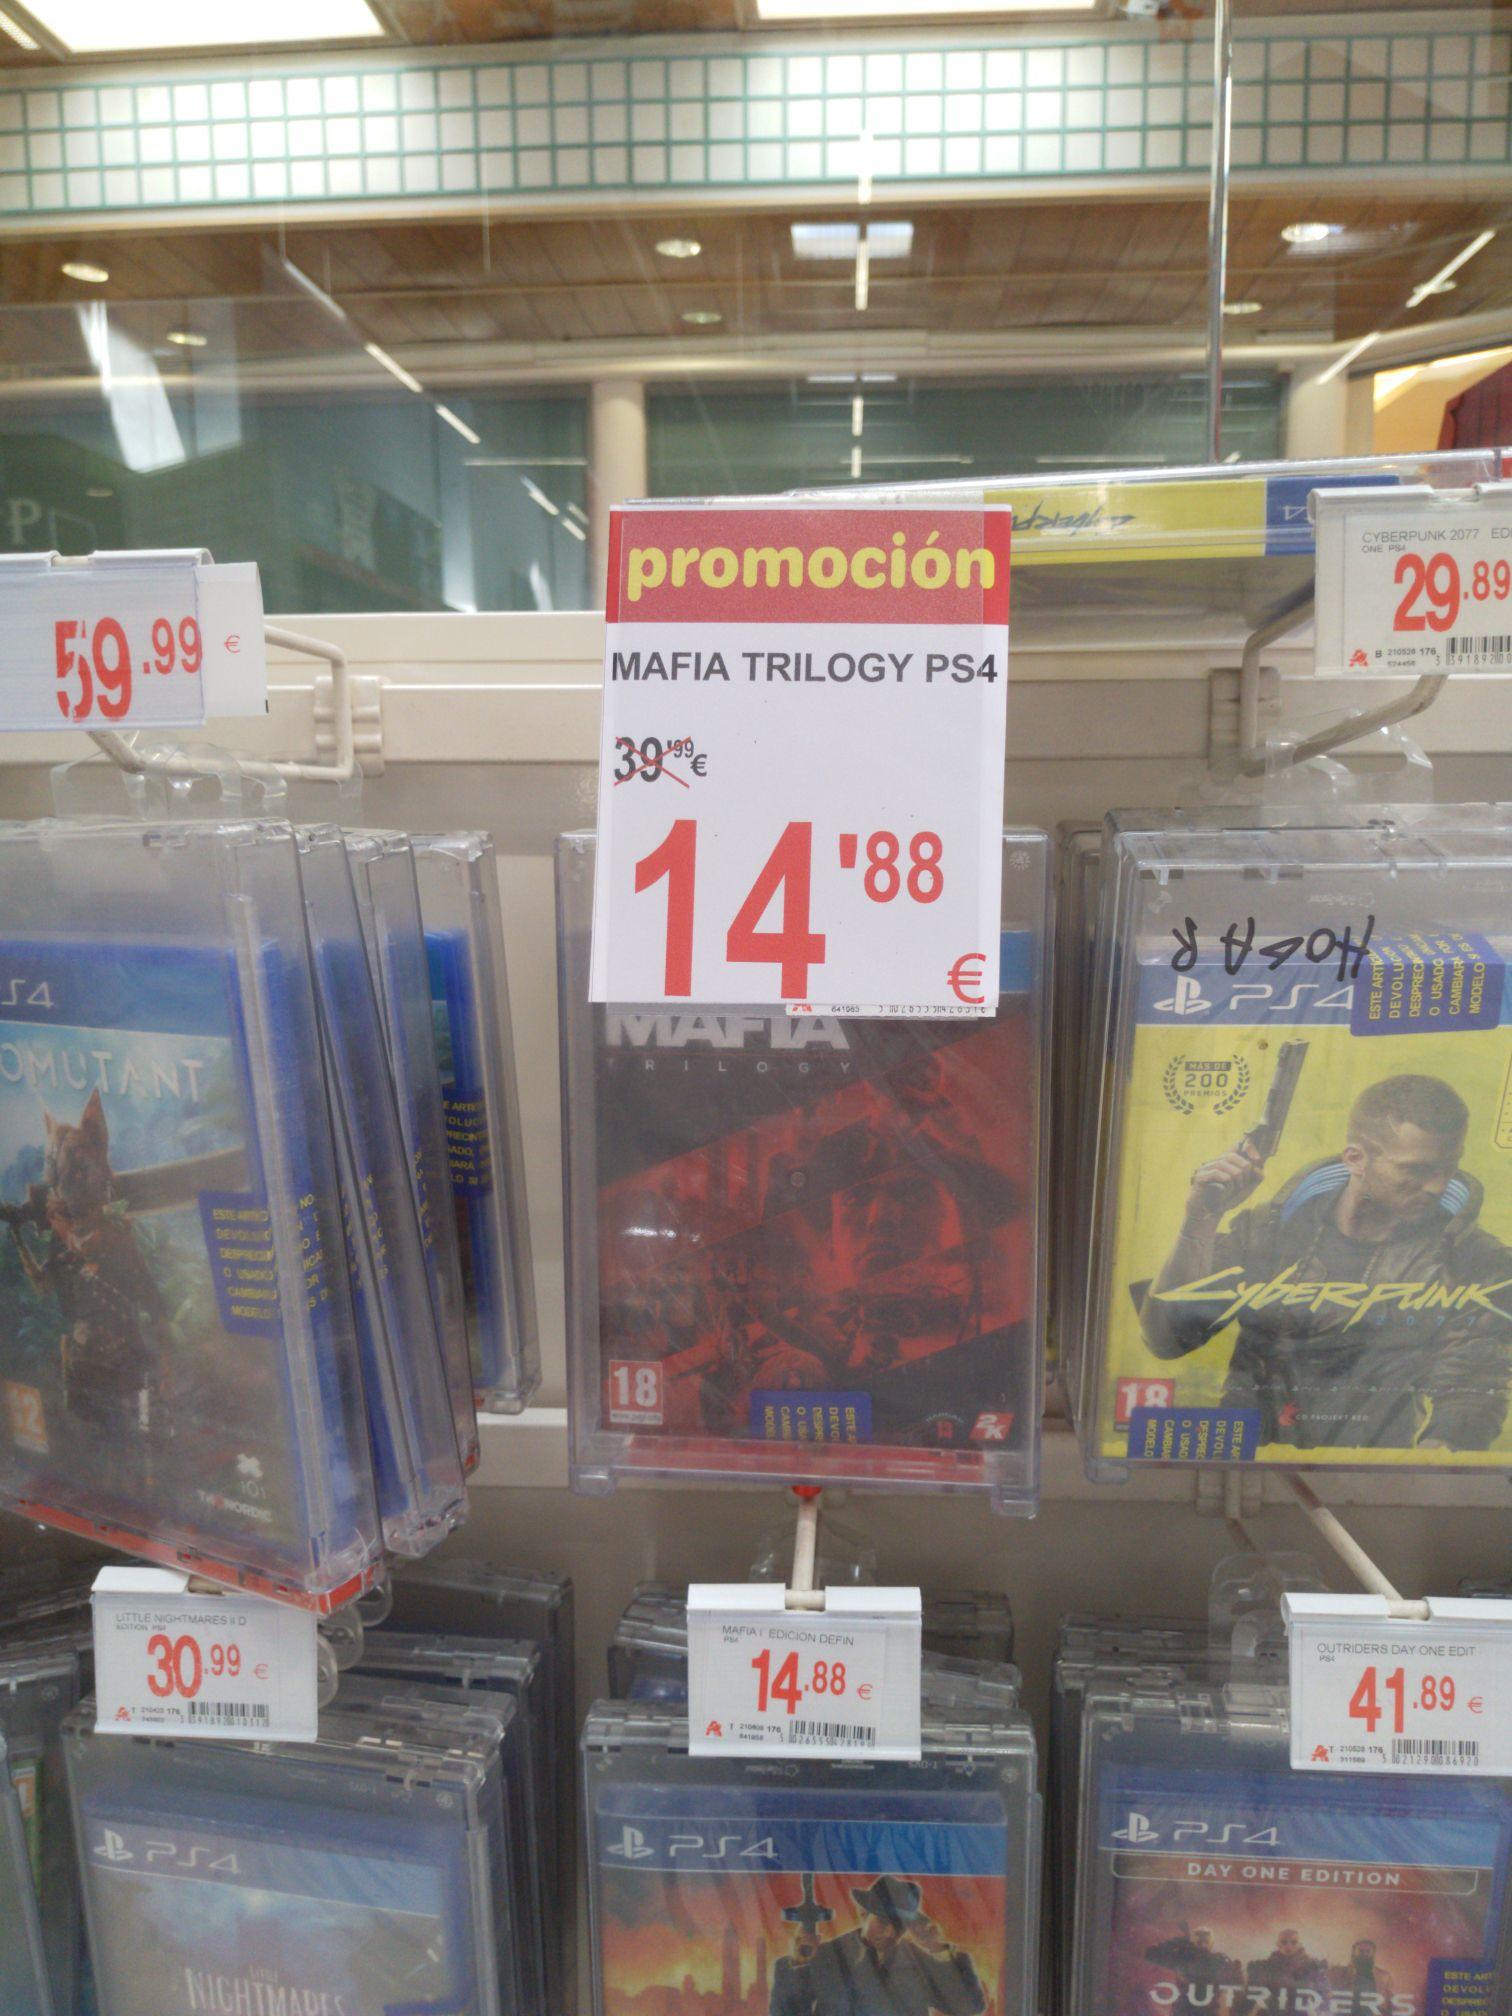 Mafia Trilogy PS4 en Alcampo Mallorca